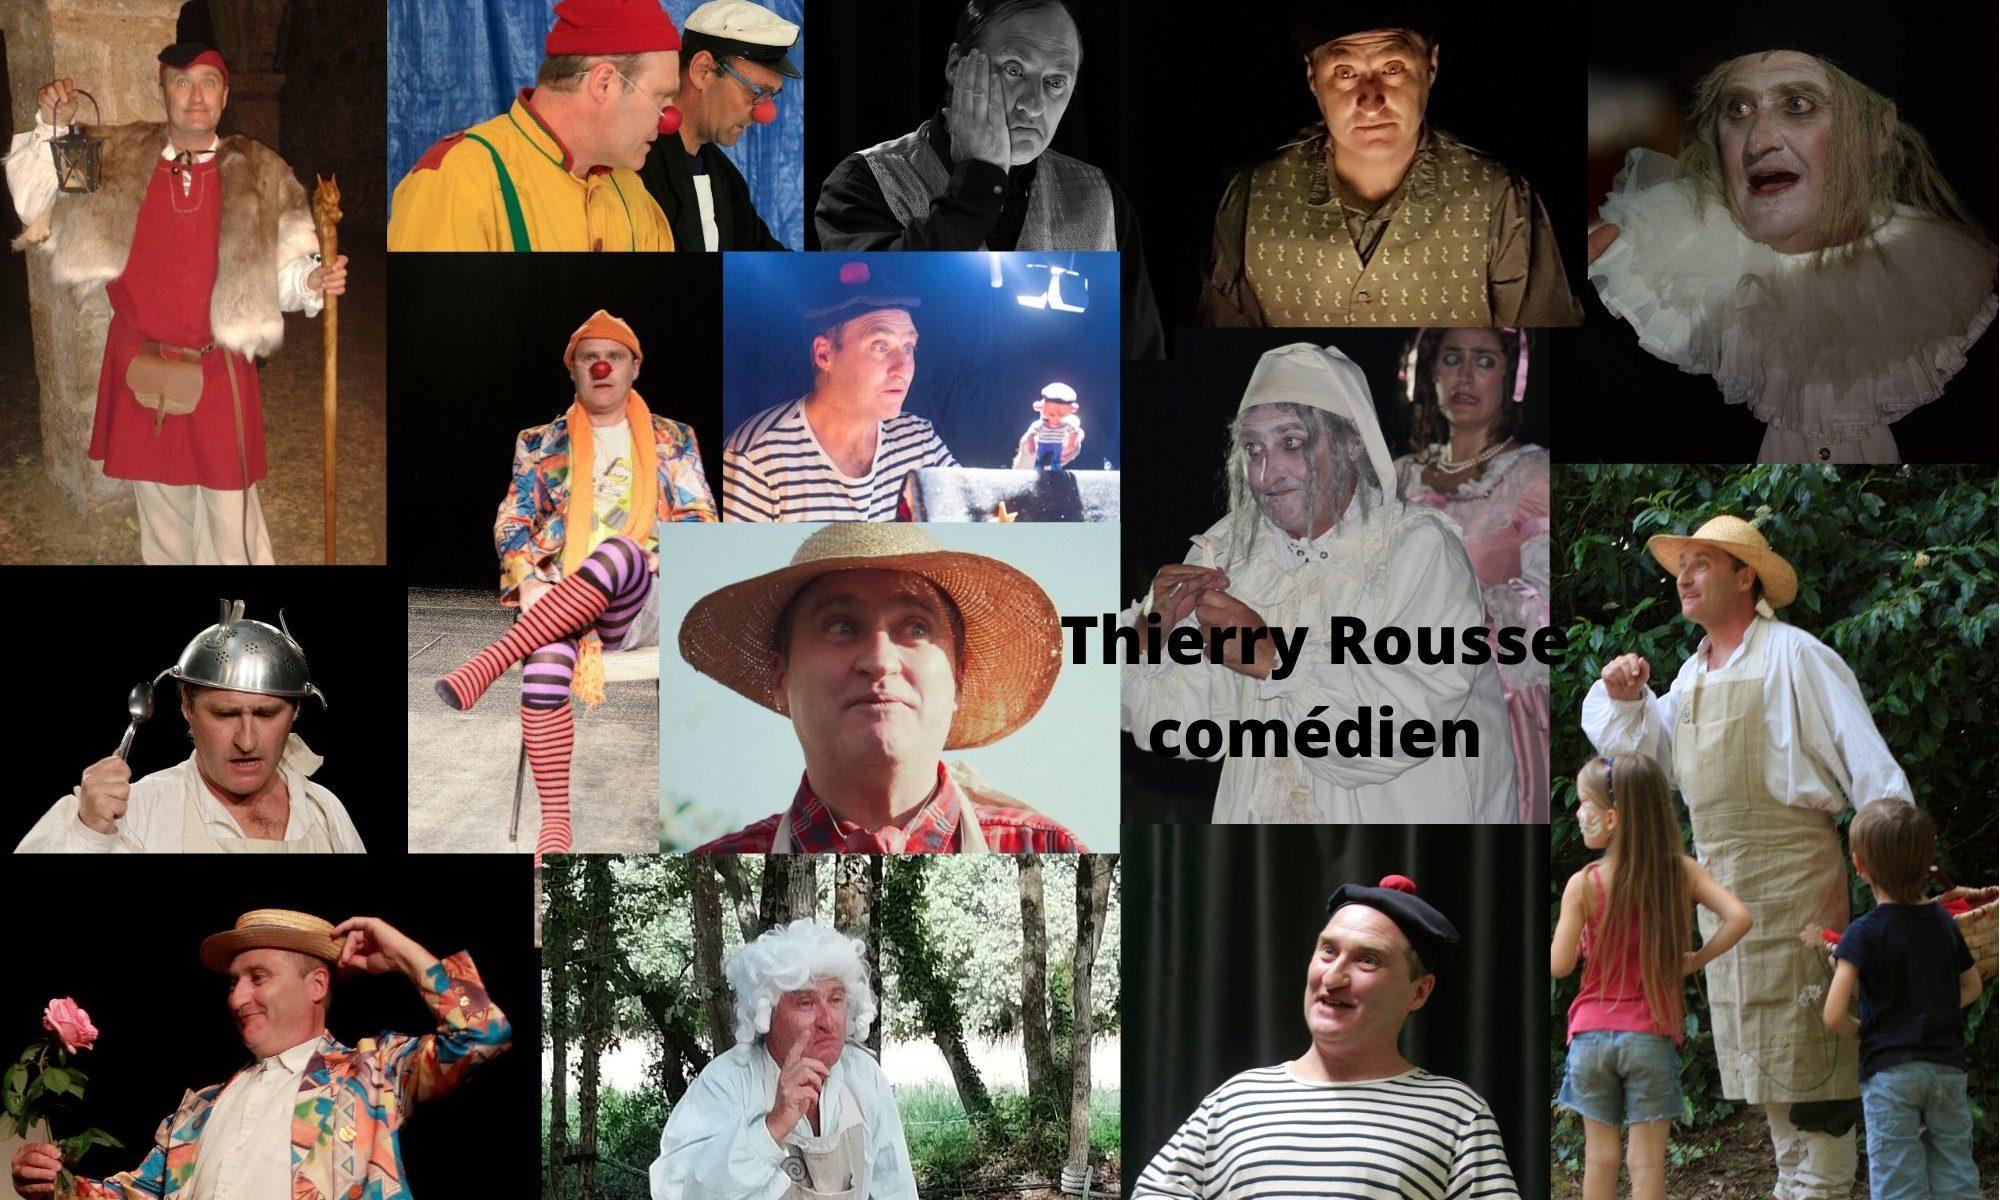 Thierry Rousse, comédien